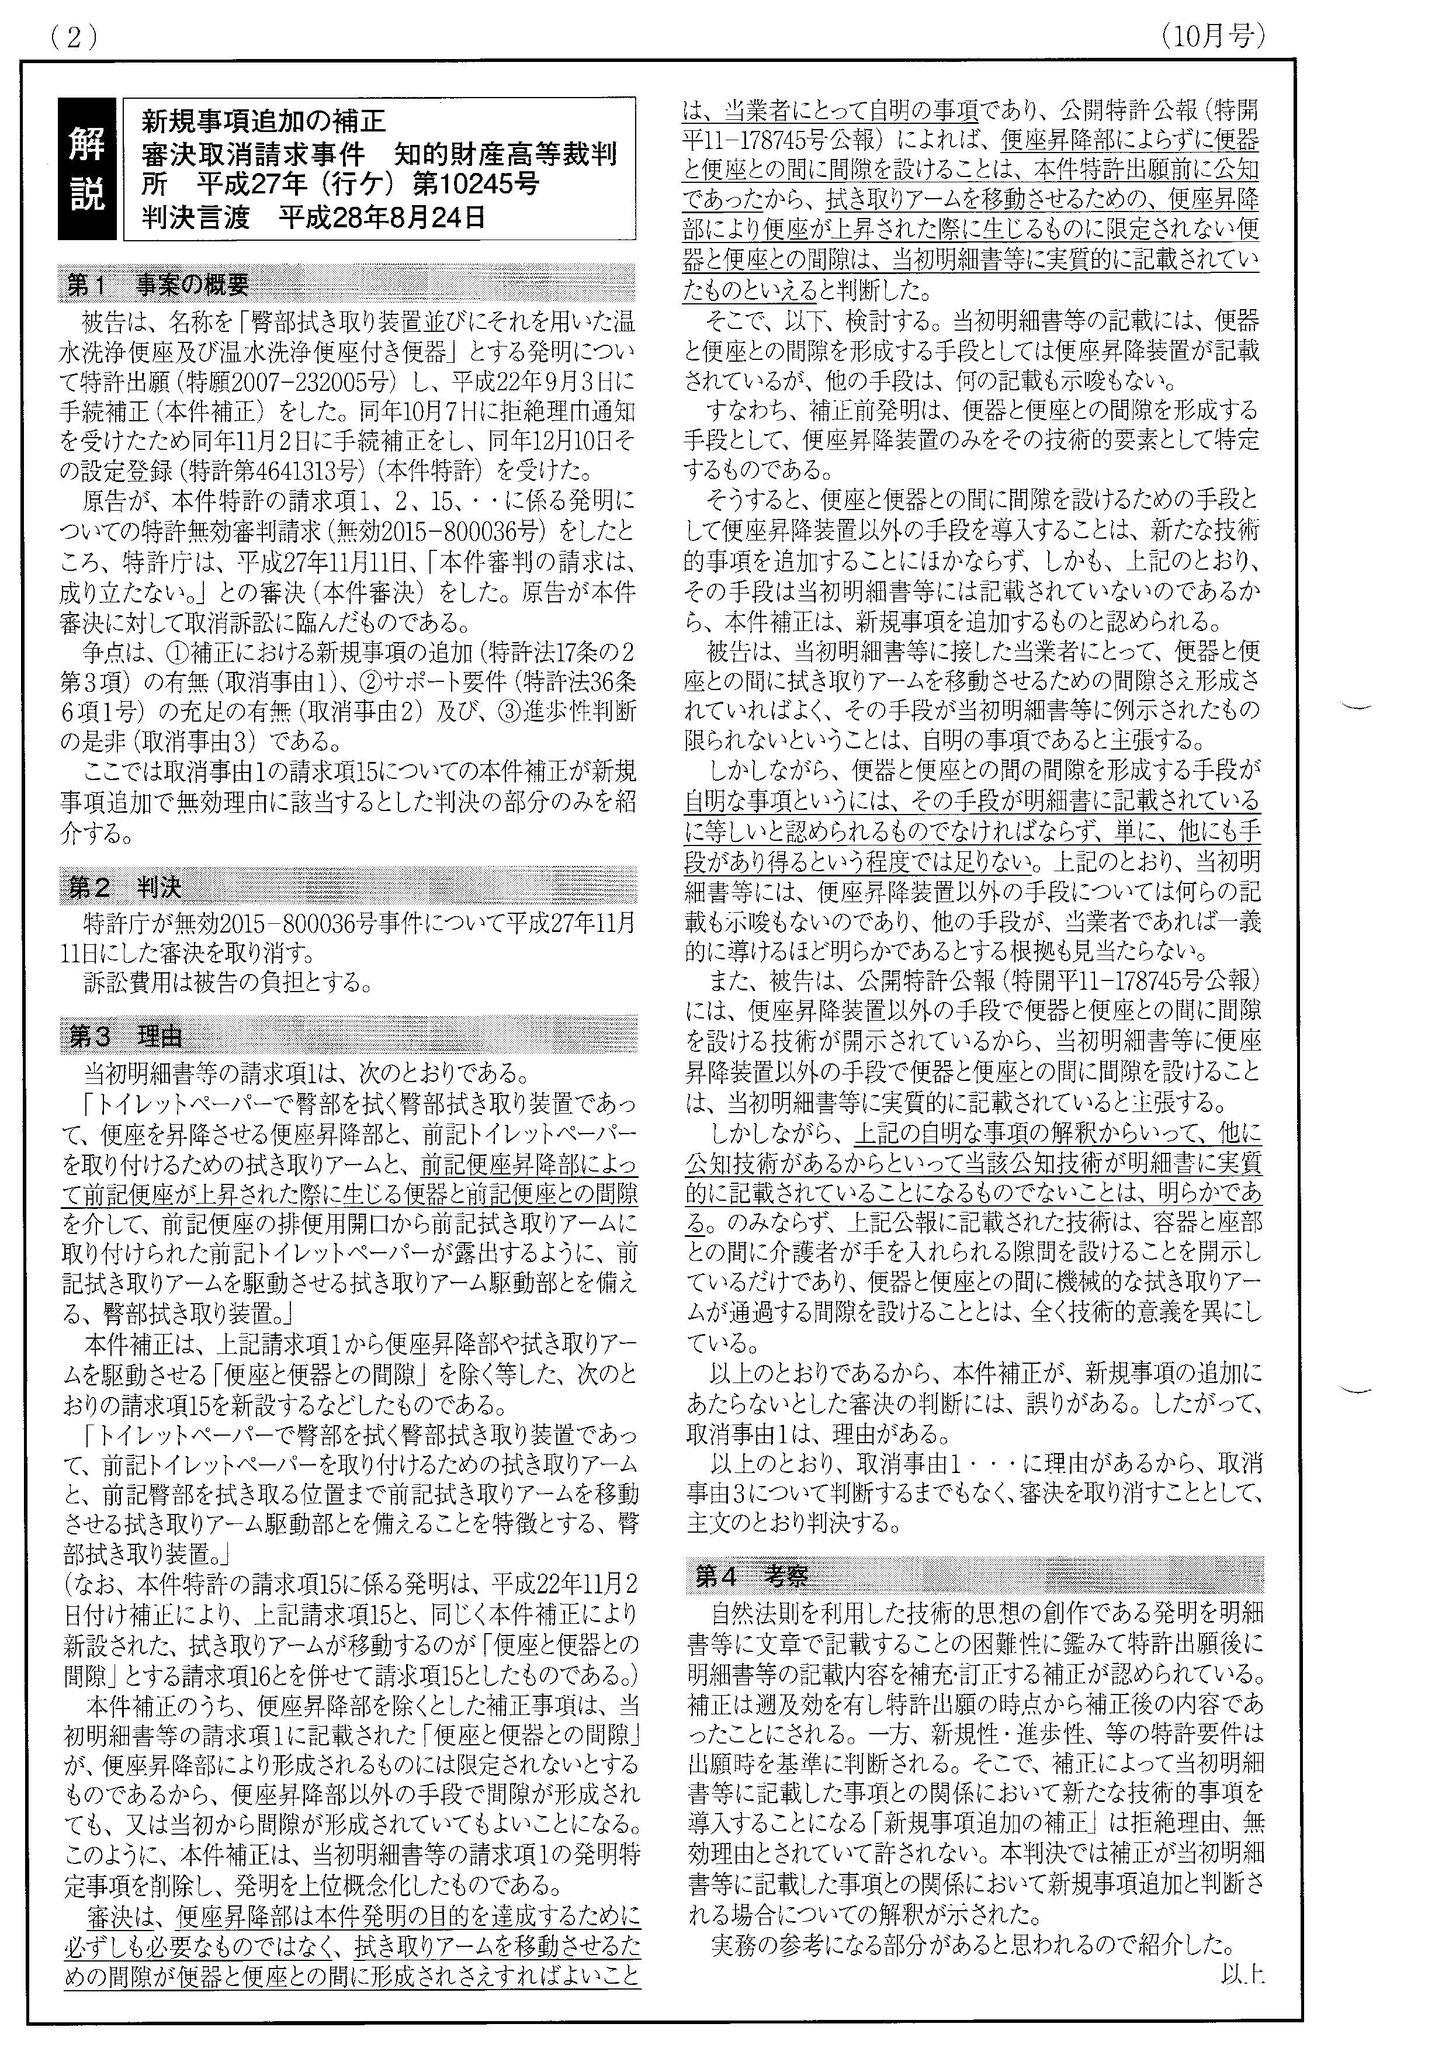 知財サービス 最新ニュース2